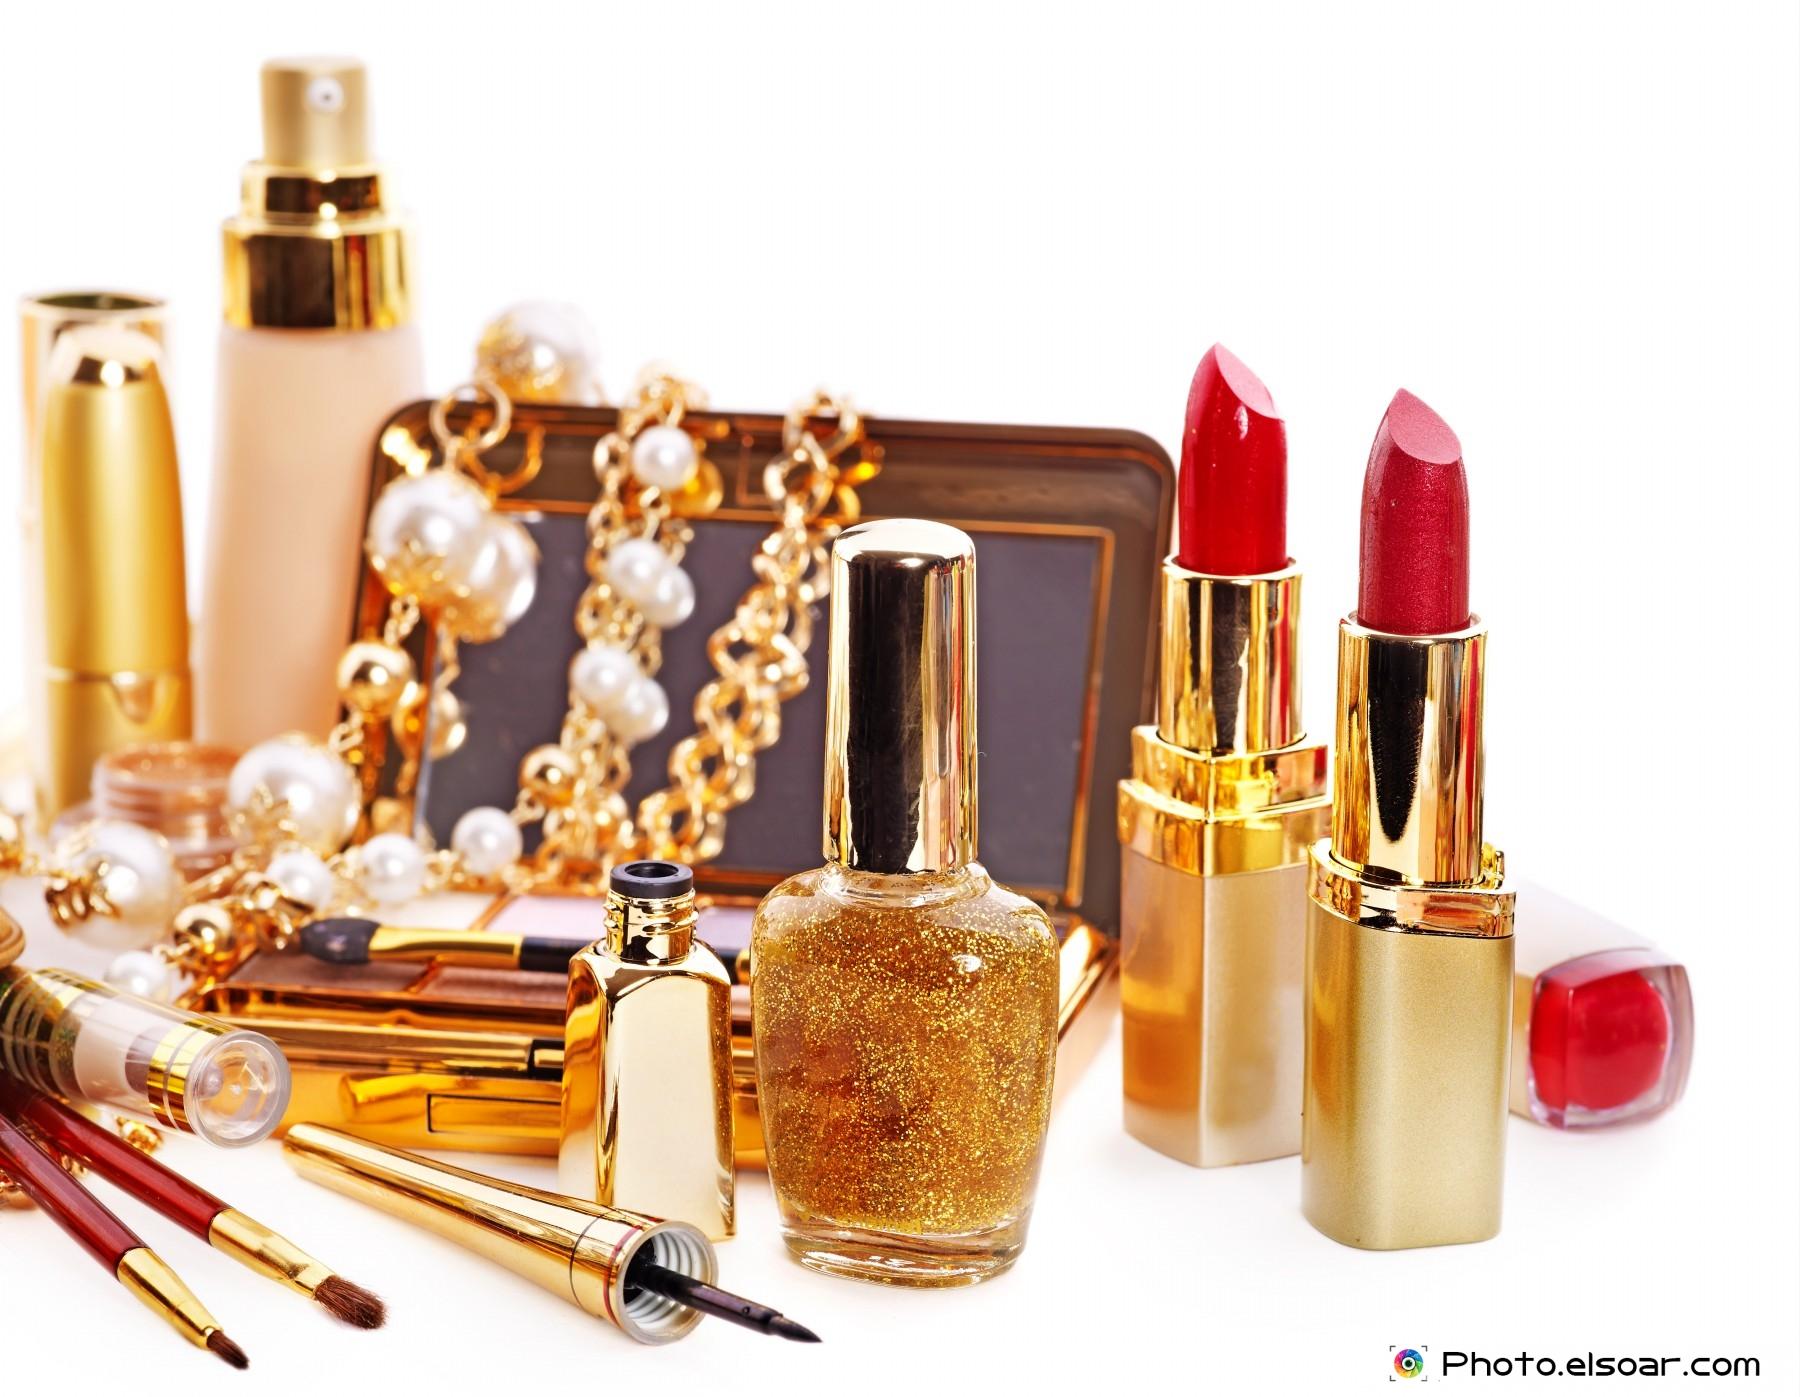 MAC Cosmetics MAC Makeup Reviews and Collection News